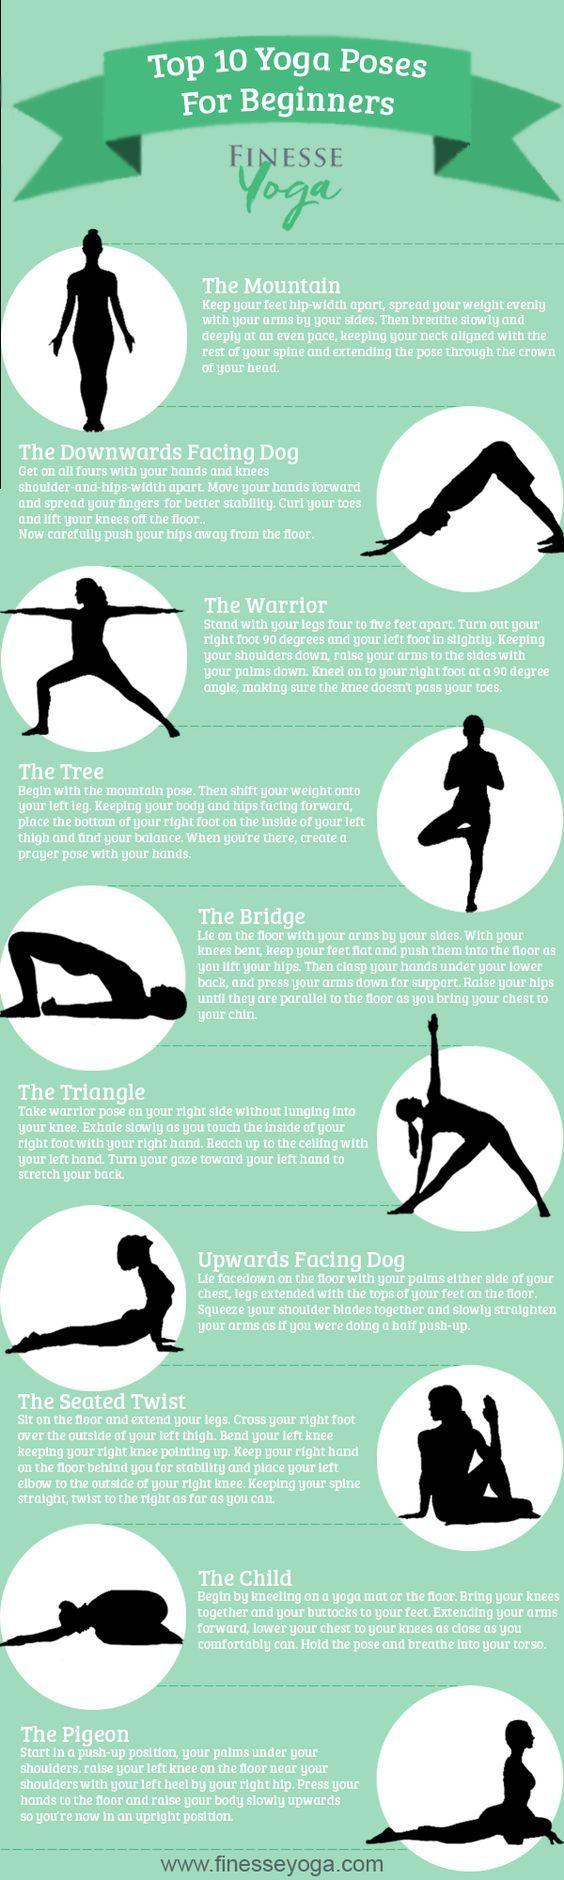 Yoga für Anfänger - bist du noch eine frische Yogini und möchtest auch das Entspannen und Relaxen lernen? Hier bekommst du die Anleitung mit Erklärung, YouTube Videos; Infografiken und die Übungen zum Start.